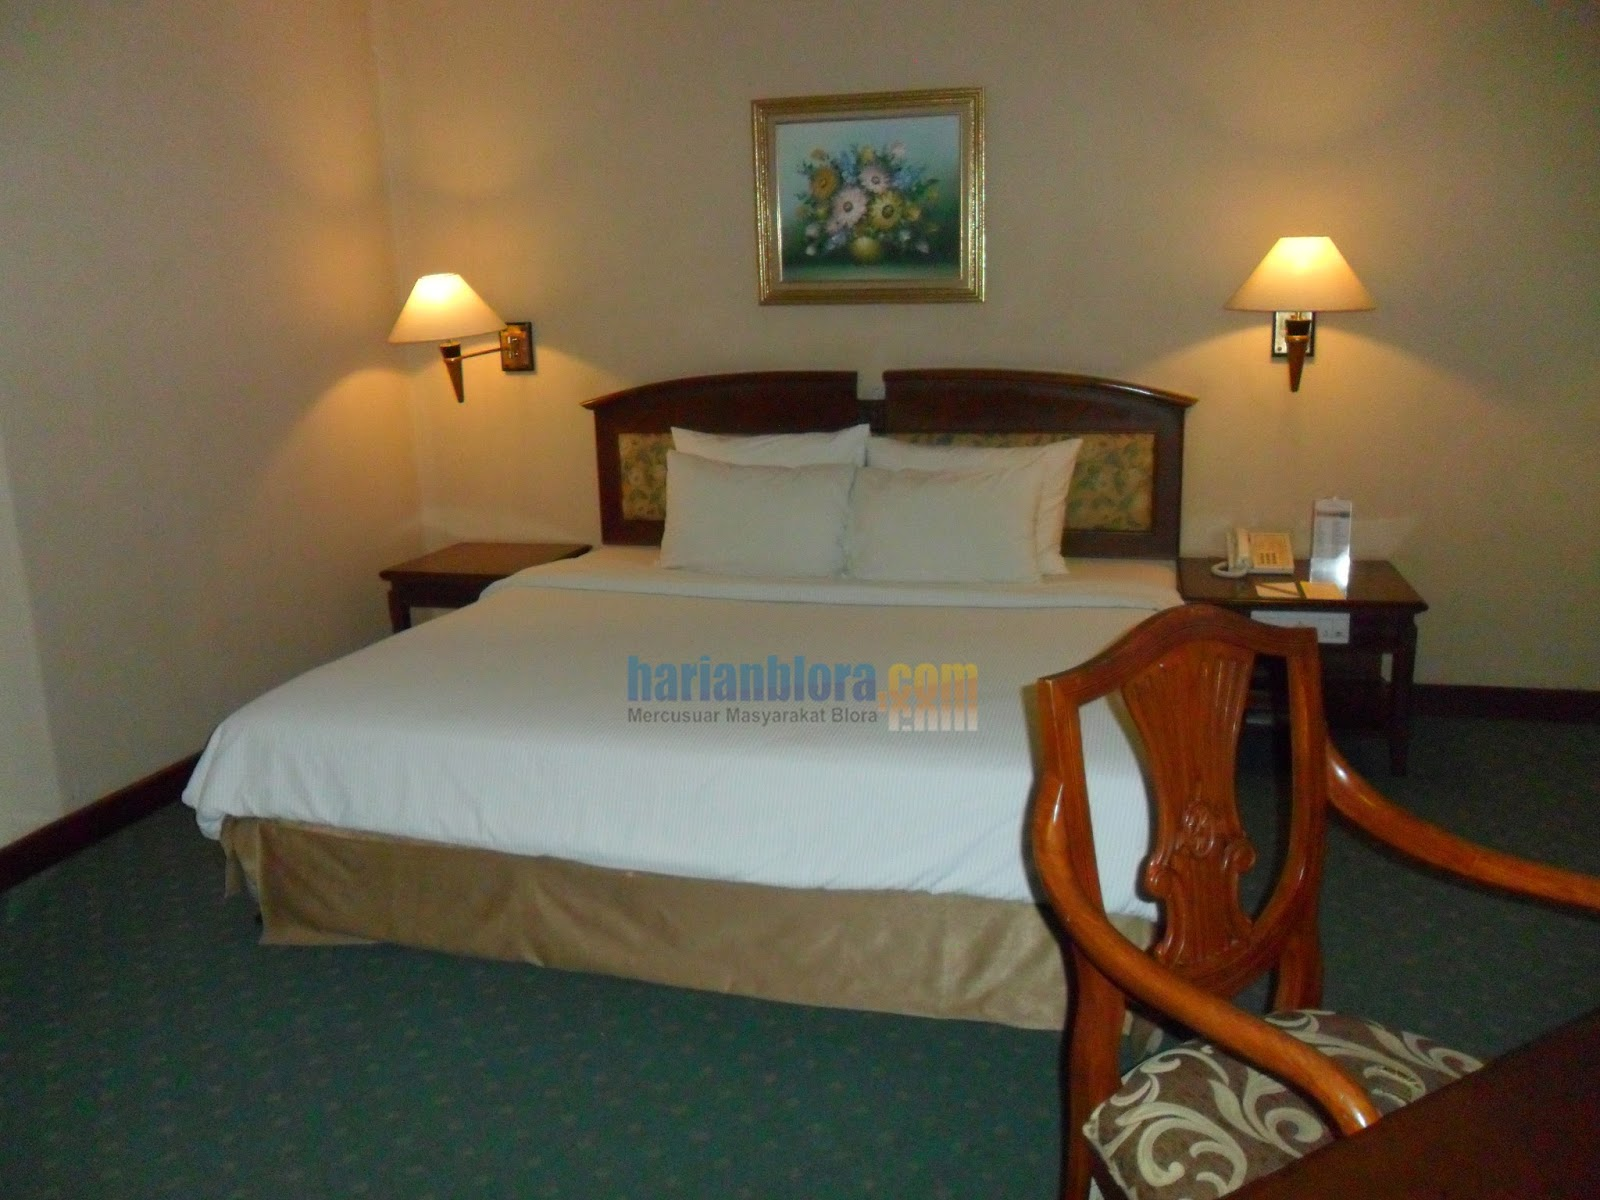 Hotel Pondok Wisata Tempuran Blora Harian Kampung Bluron Kab